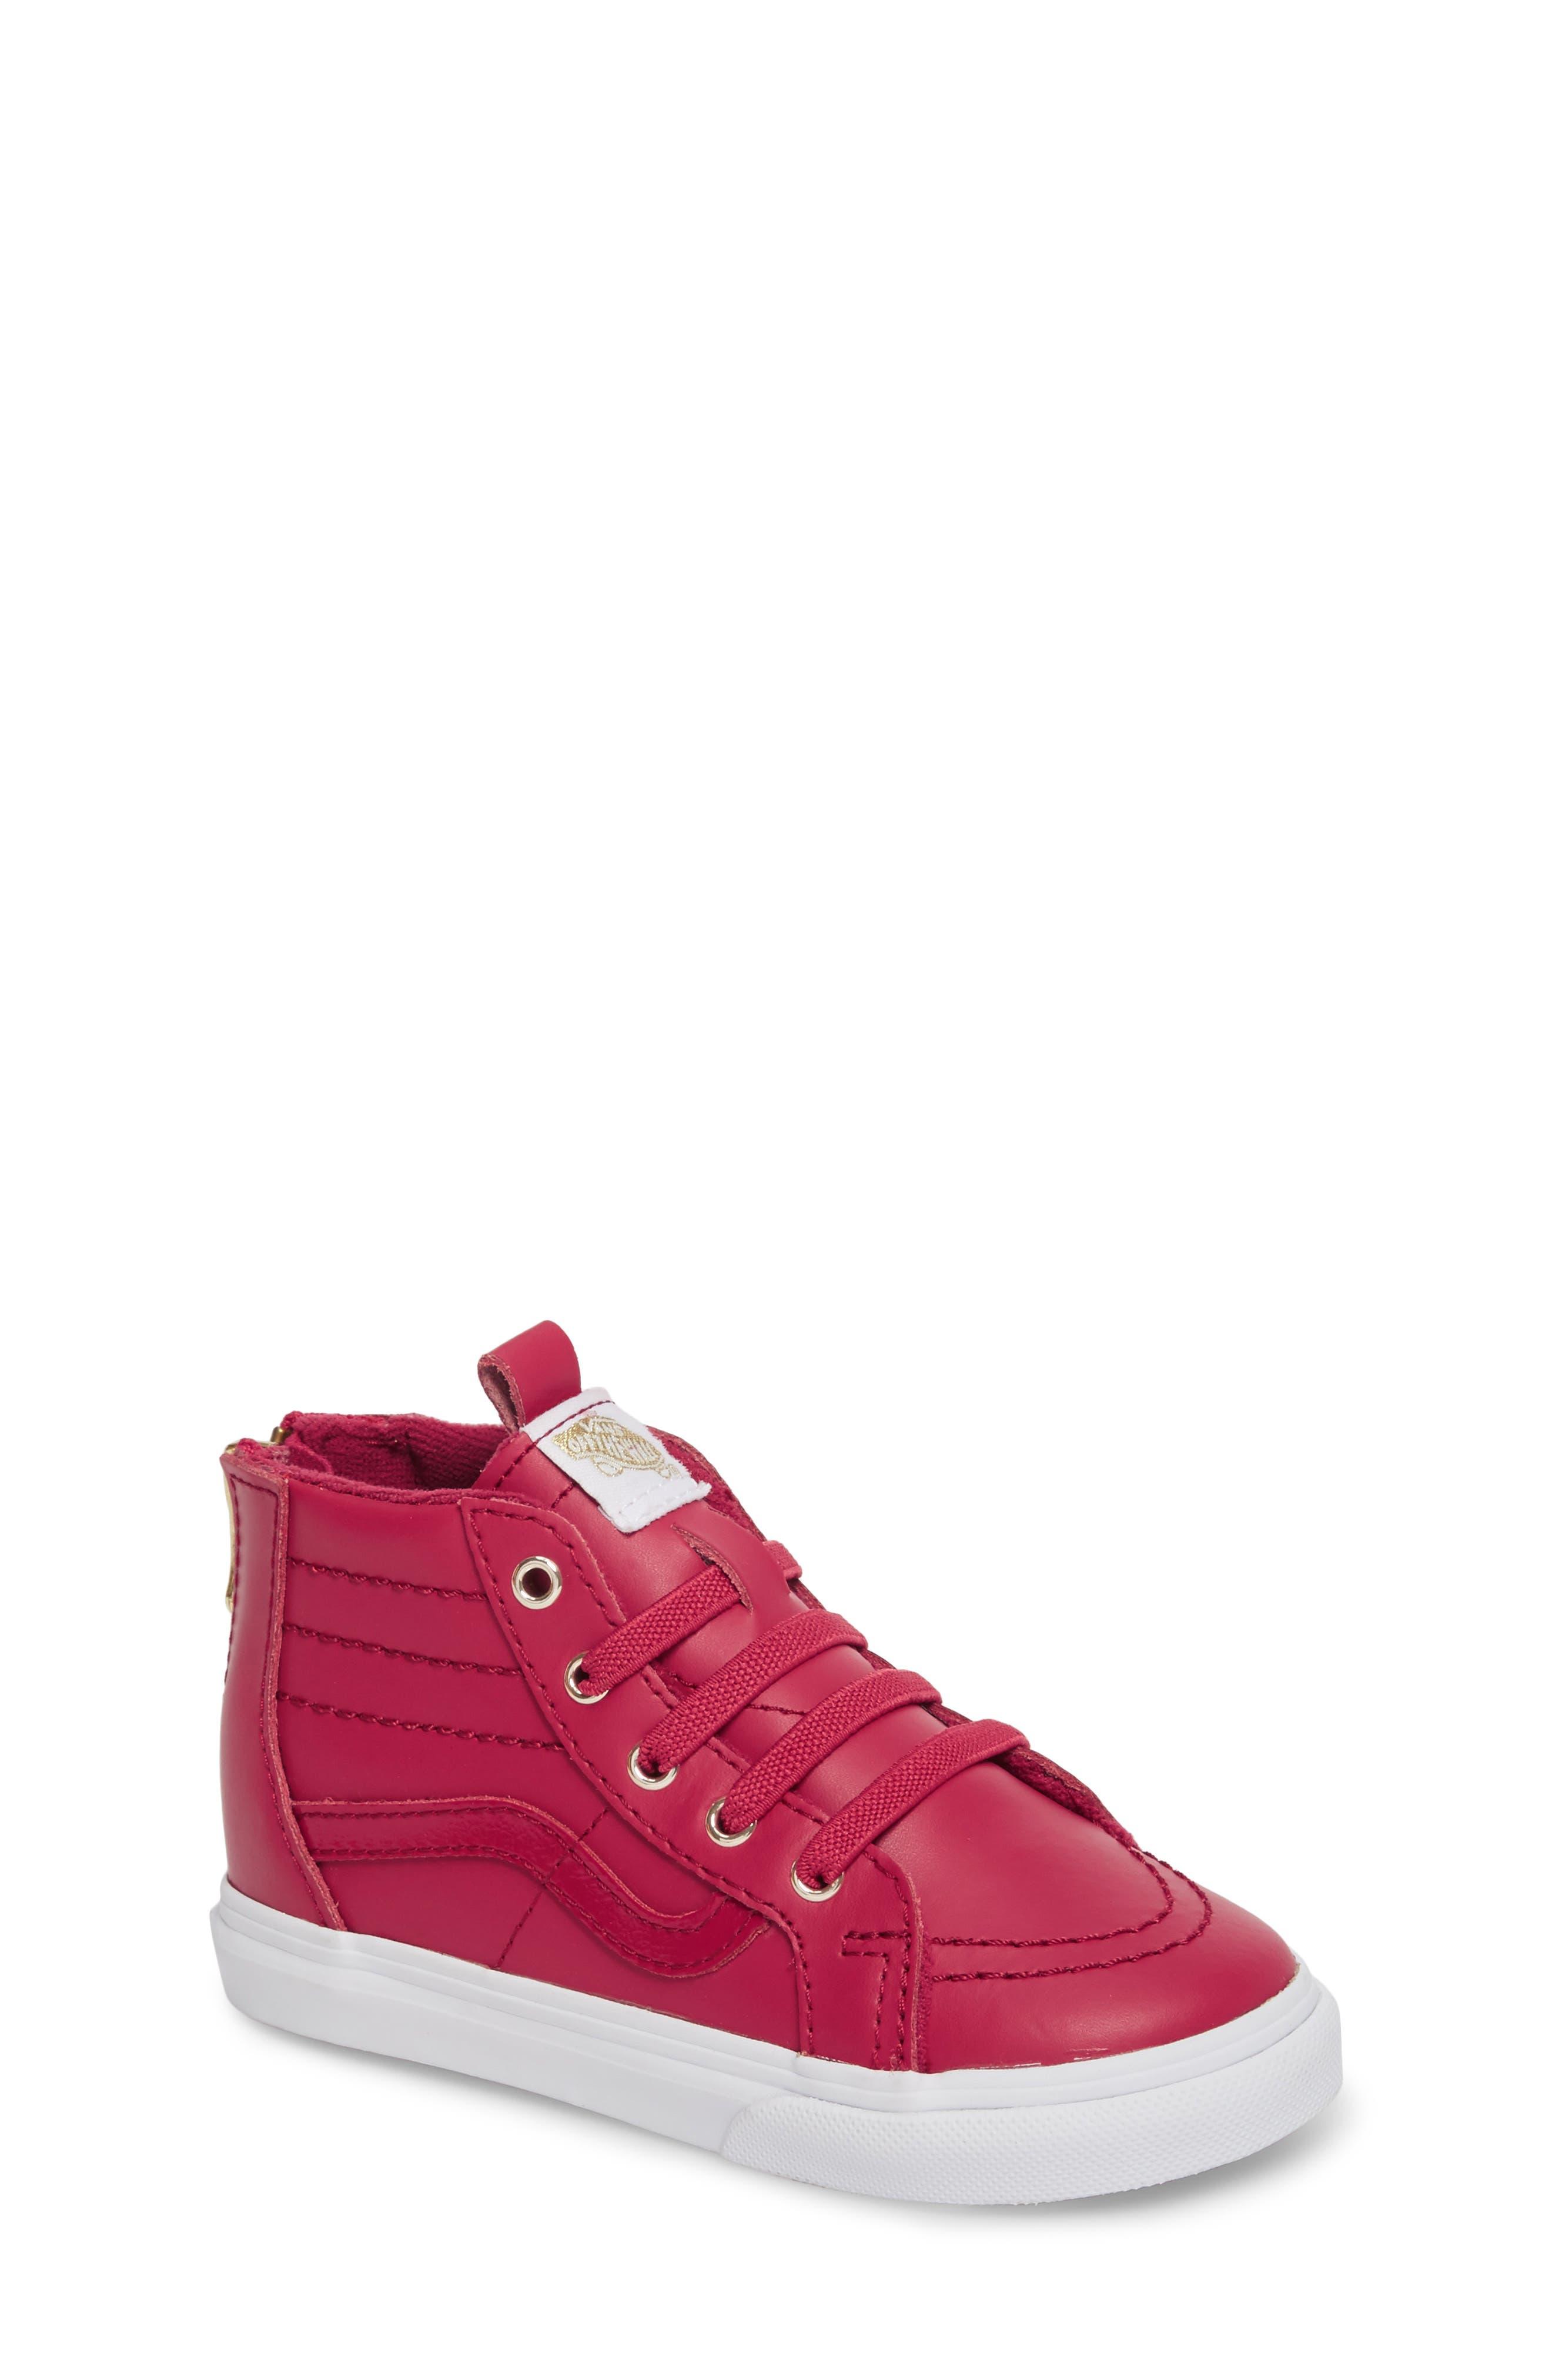 SK8-Hi Zip Sneaker,                         Main,                         color, 610